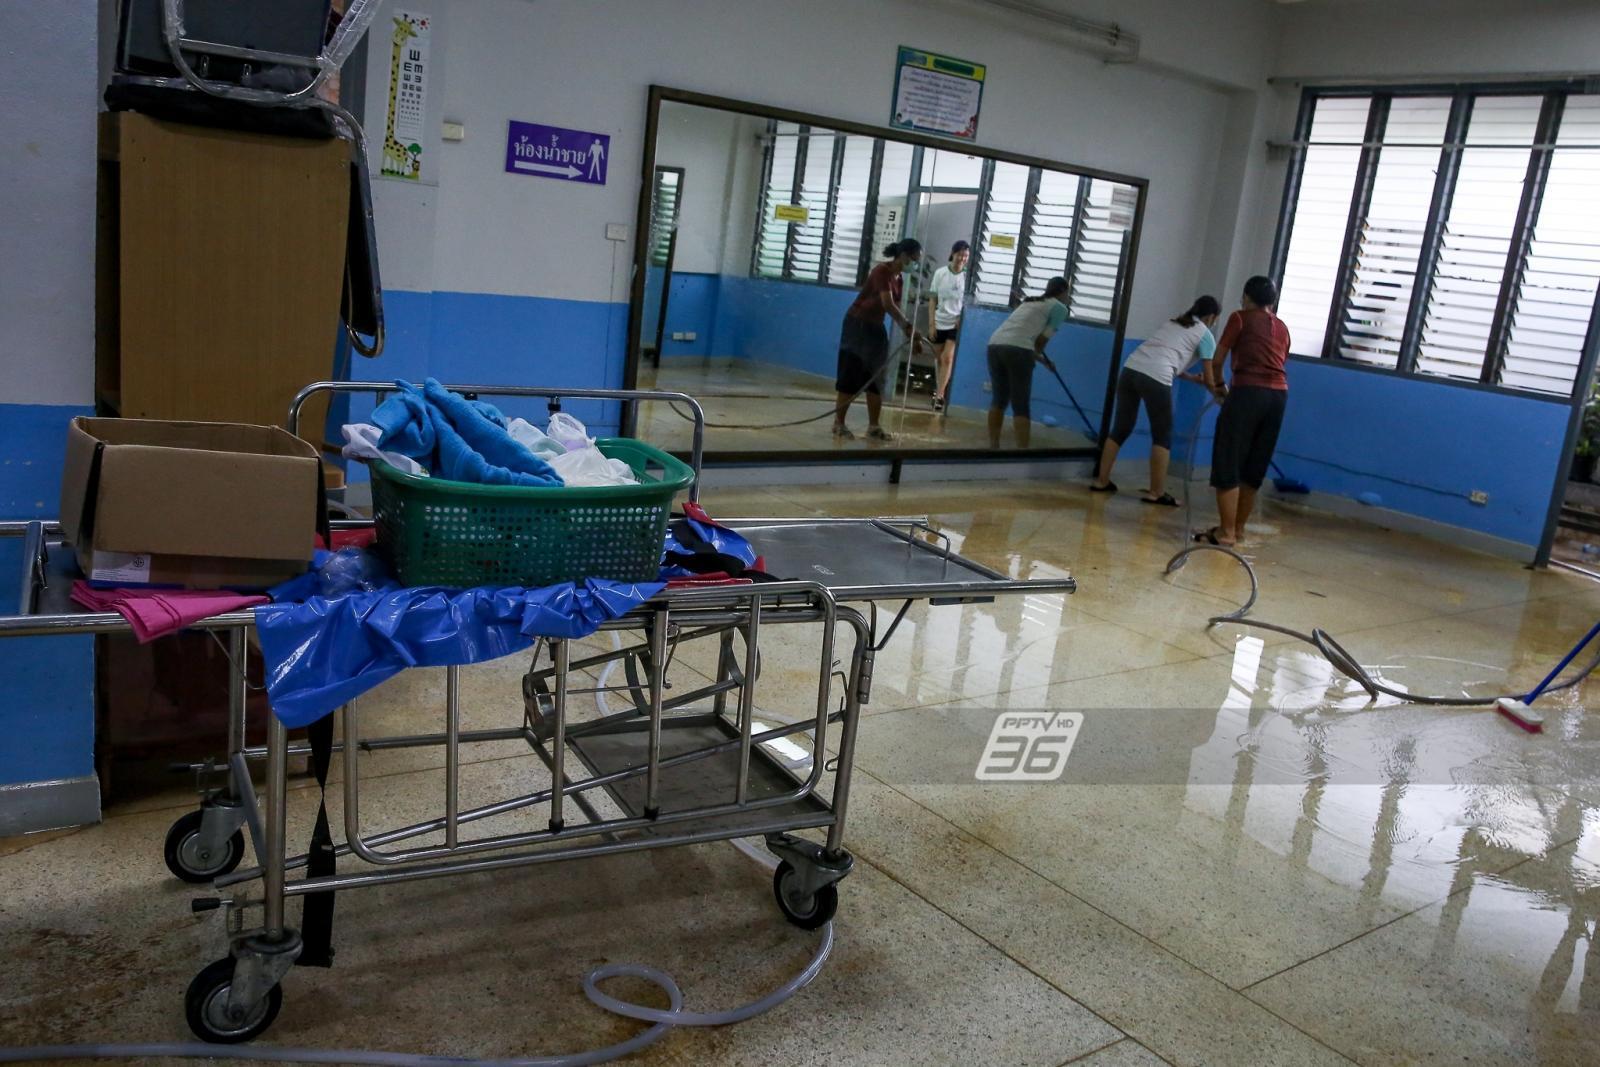 ซ้ำแผลเก่า! น้ำล้อมสนามบินเมืองคอน ท่วมหนักเหมือนปี 54